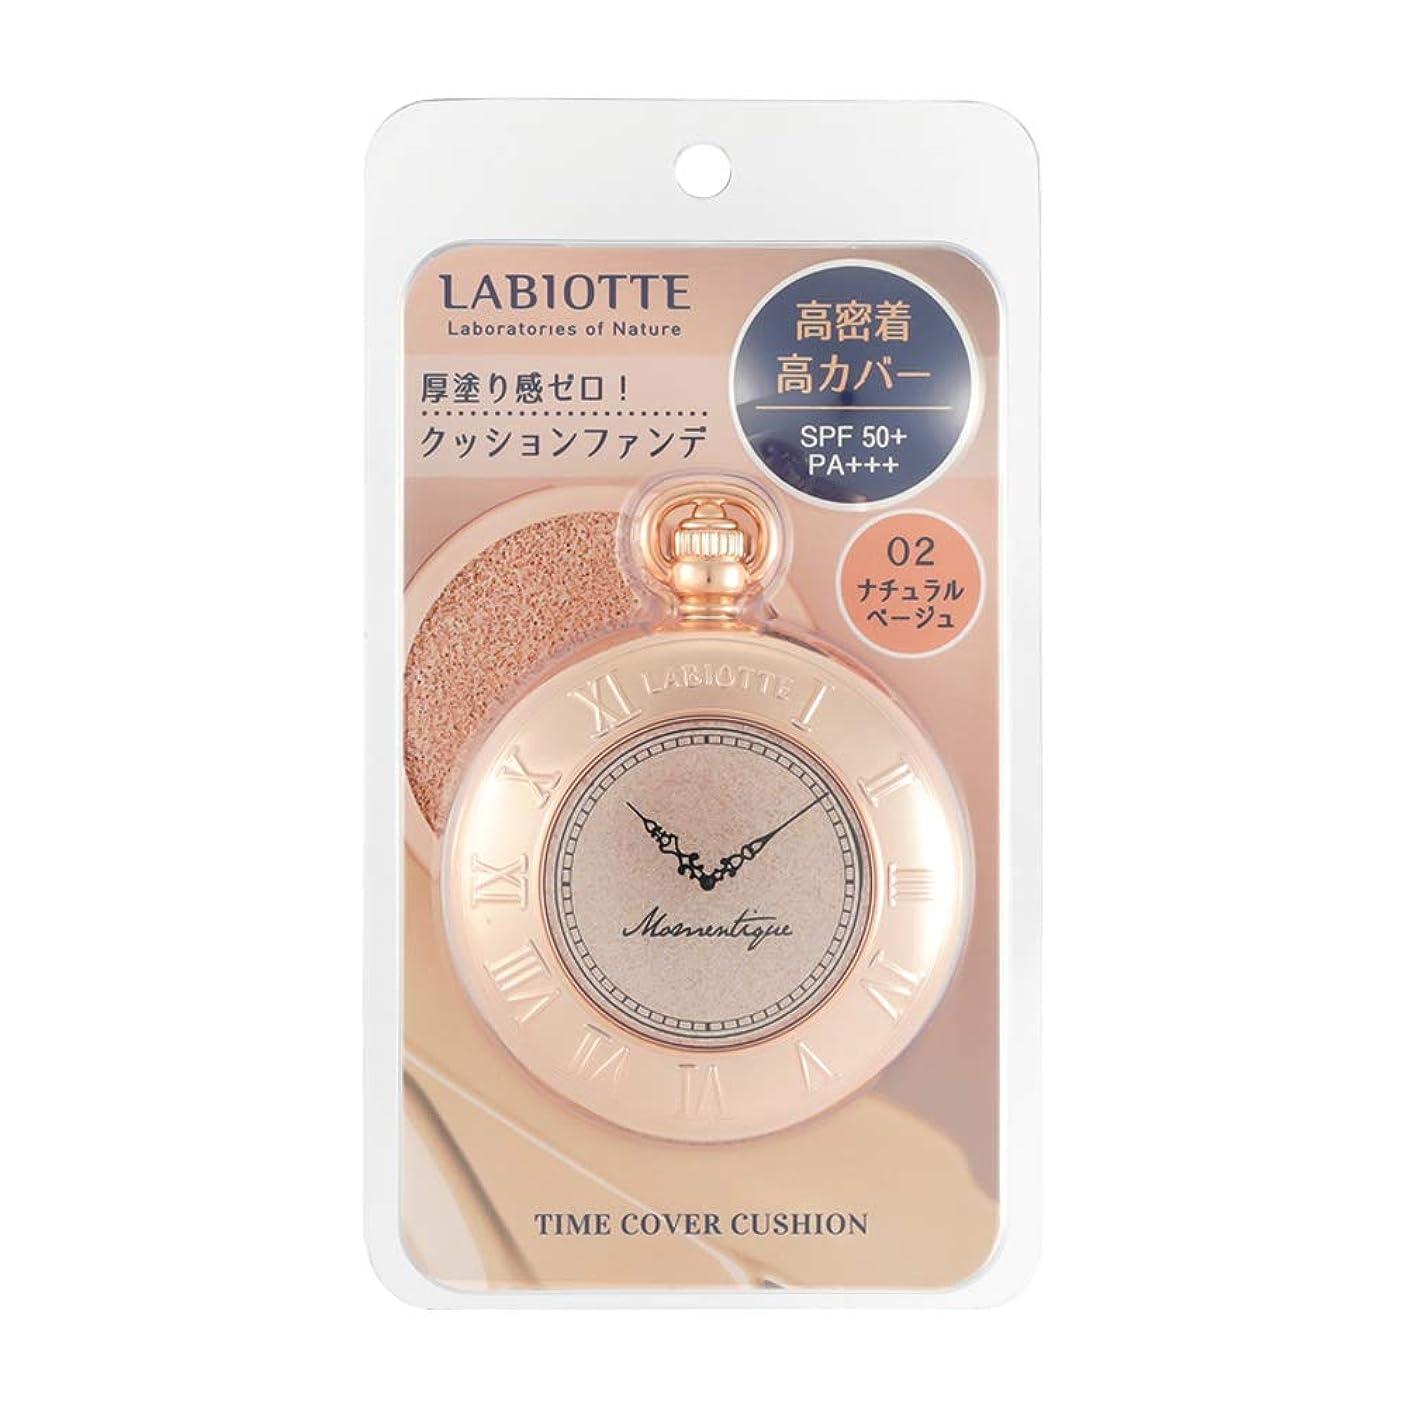 継承適性吸収剤LABIOTTE(ラビオッテ) タイムカバークッションファンデ 02 ナチュラルベージュ (13g)